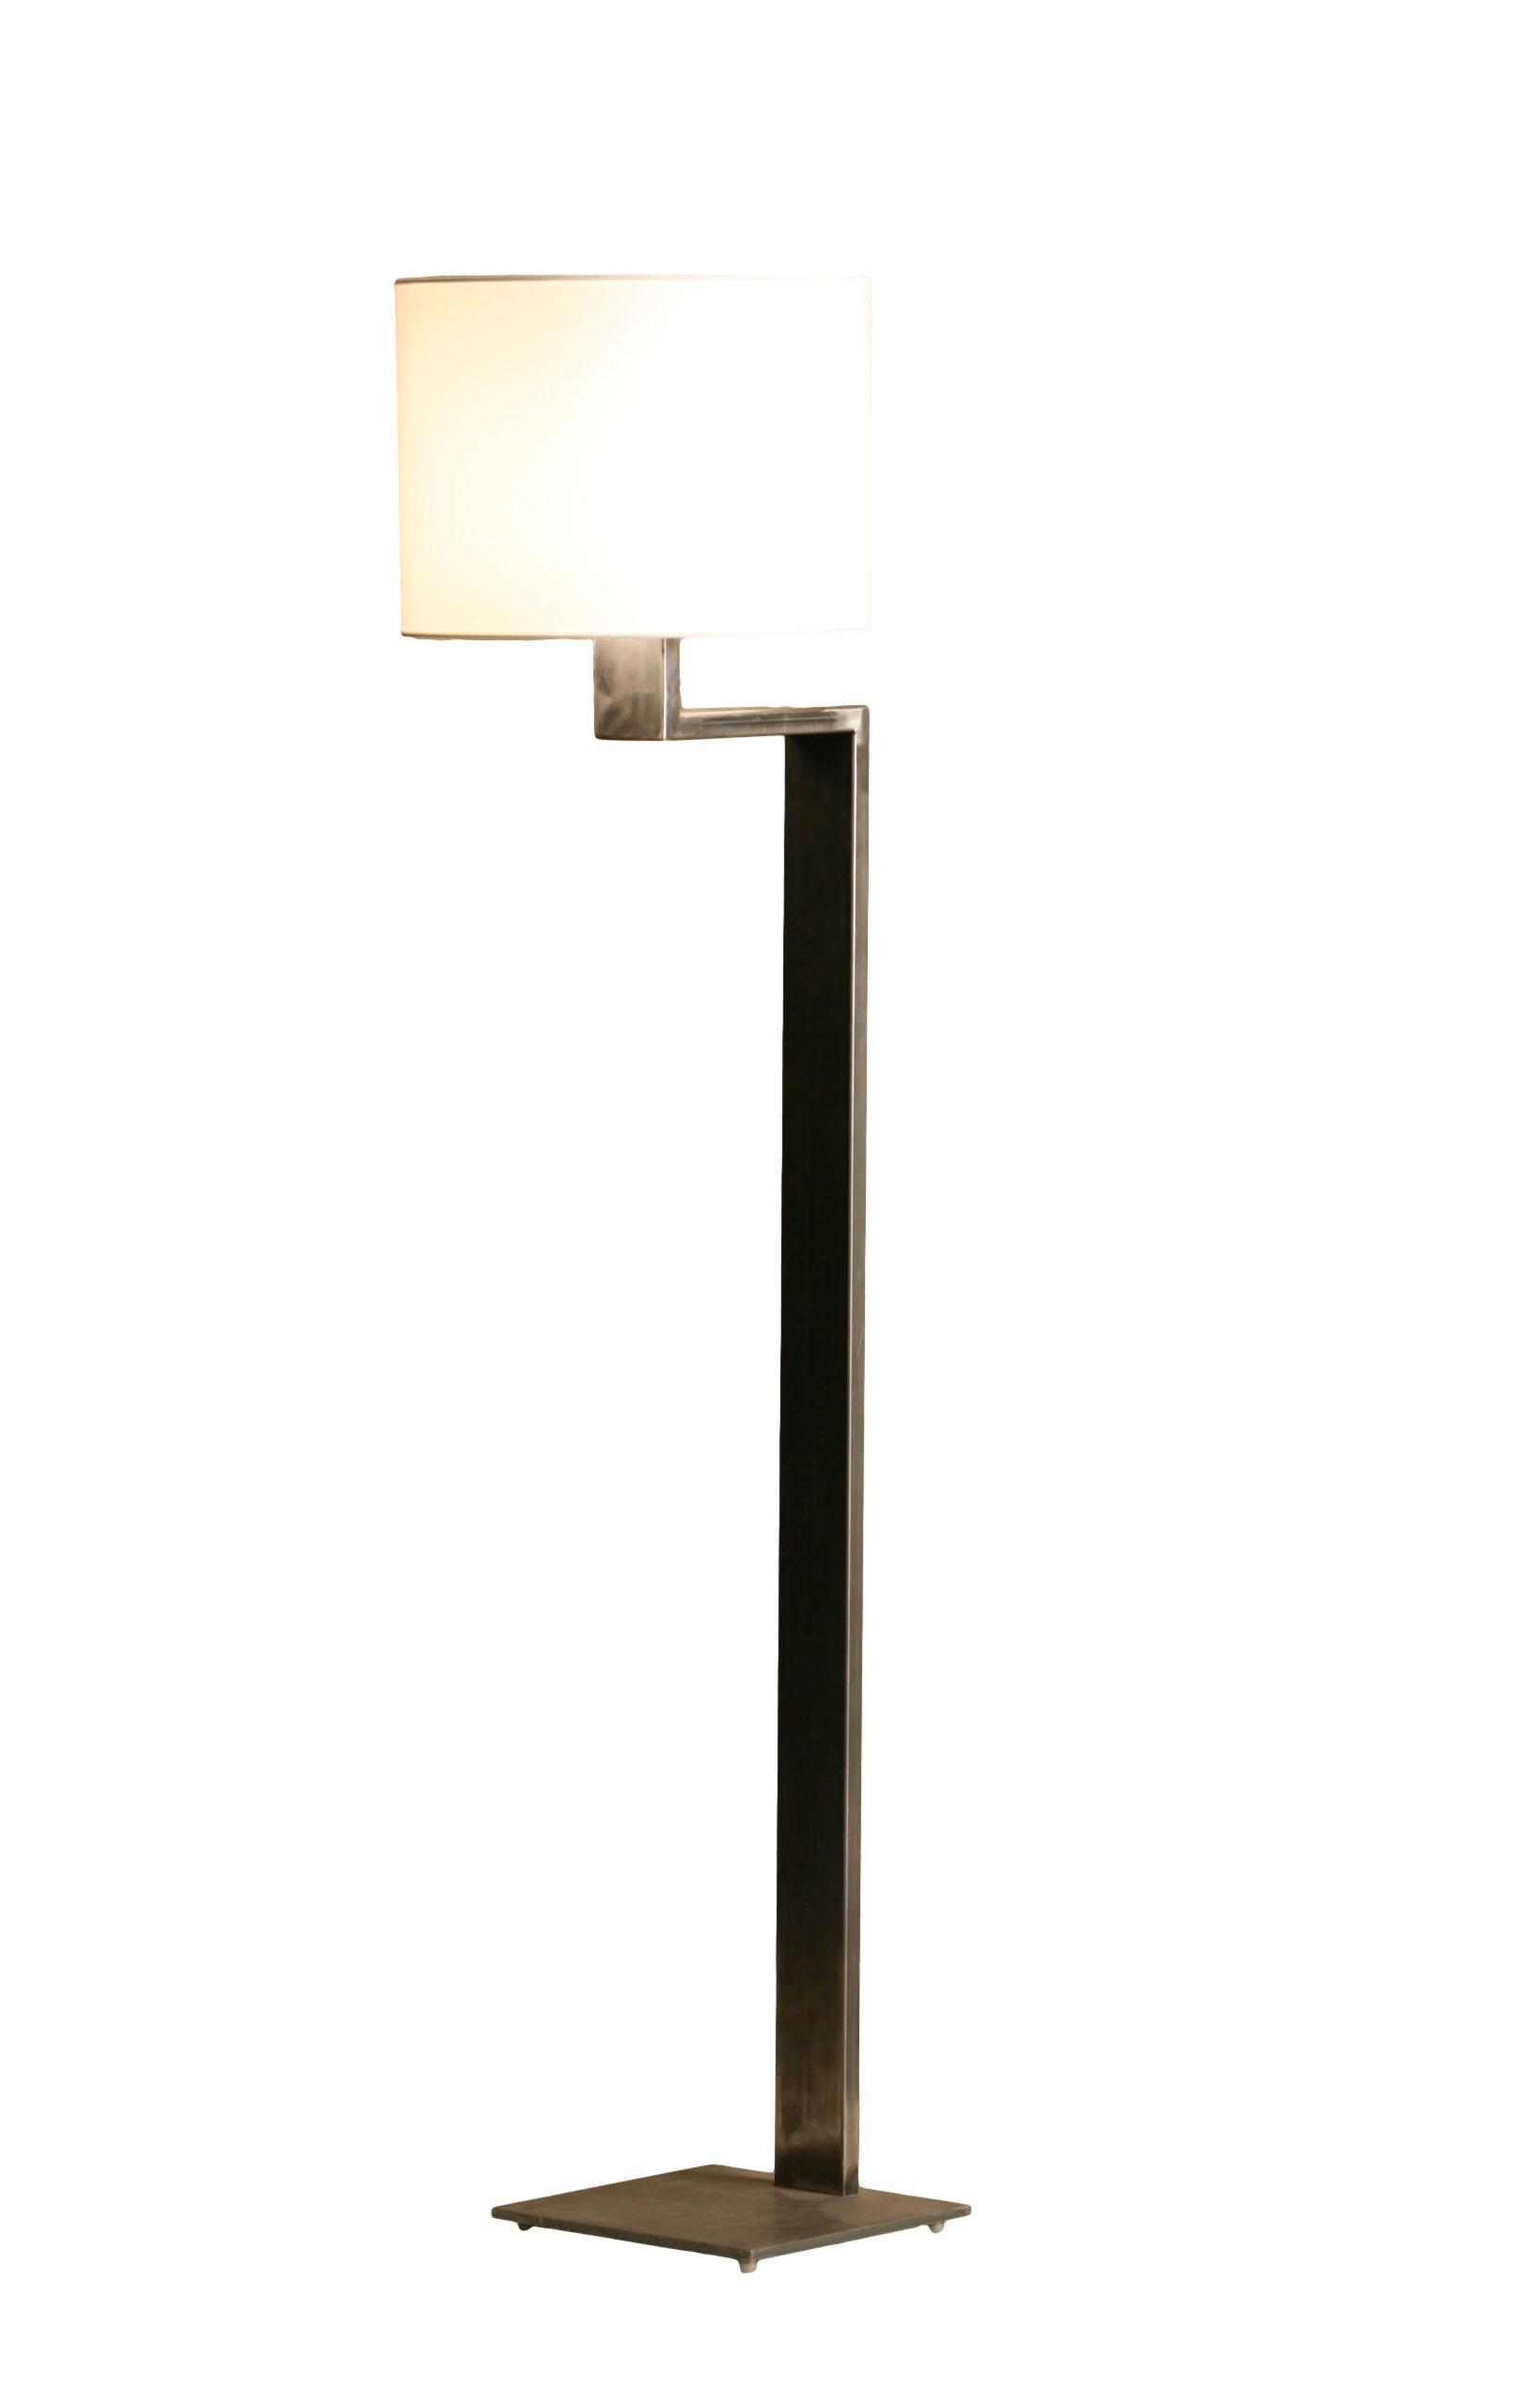 Stout Verlichting Collectie Sfeerfoto Vloerlamp modern 1L